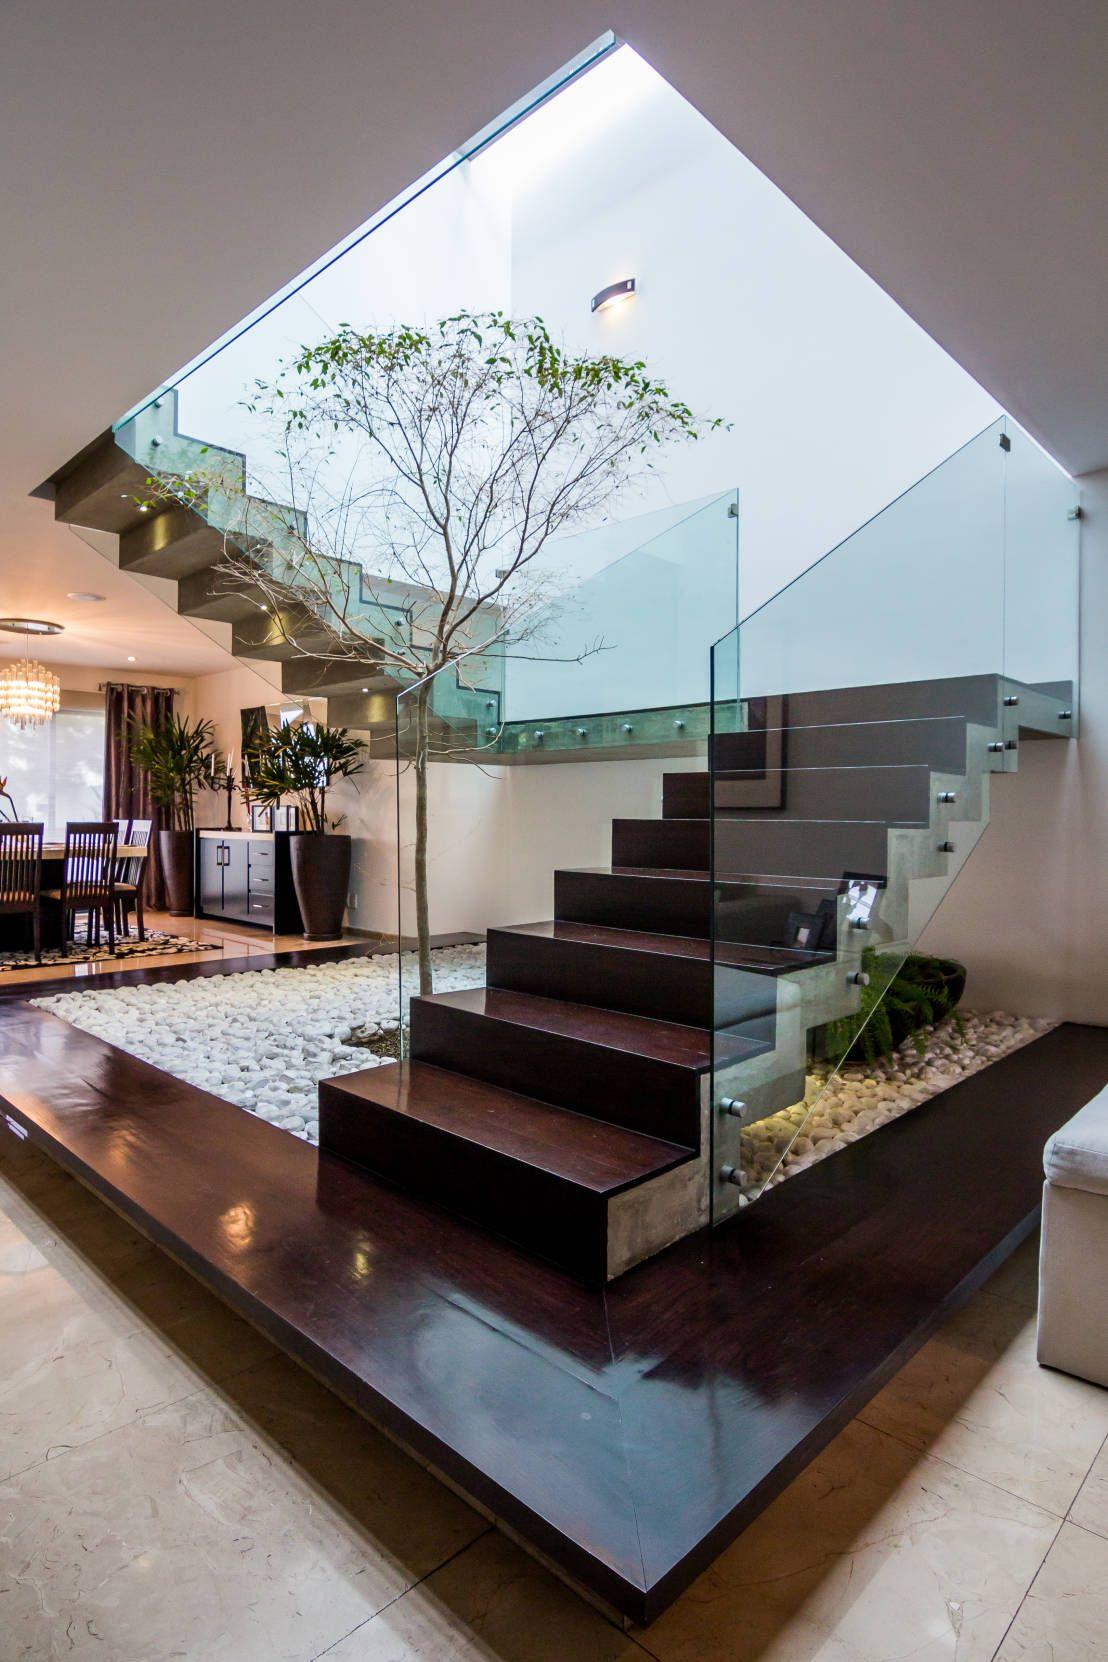 N14 de aaestudio escaleras modernas pasillos y escalera escalera pasillos vestbulos y escaleras modernos de aaestudio fandeluxe Images